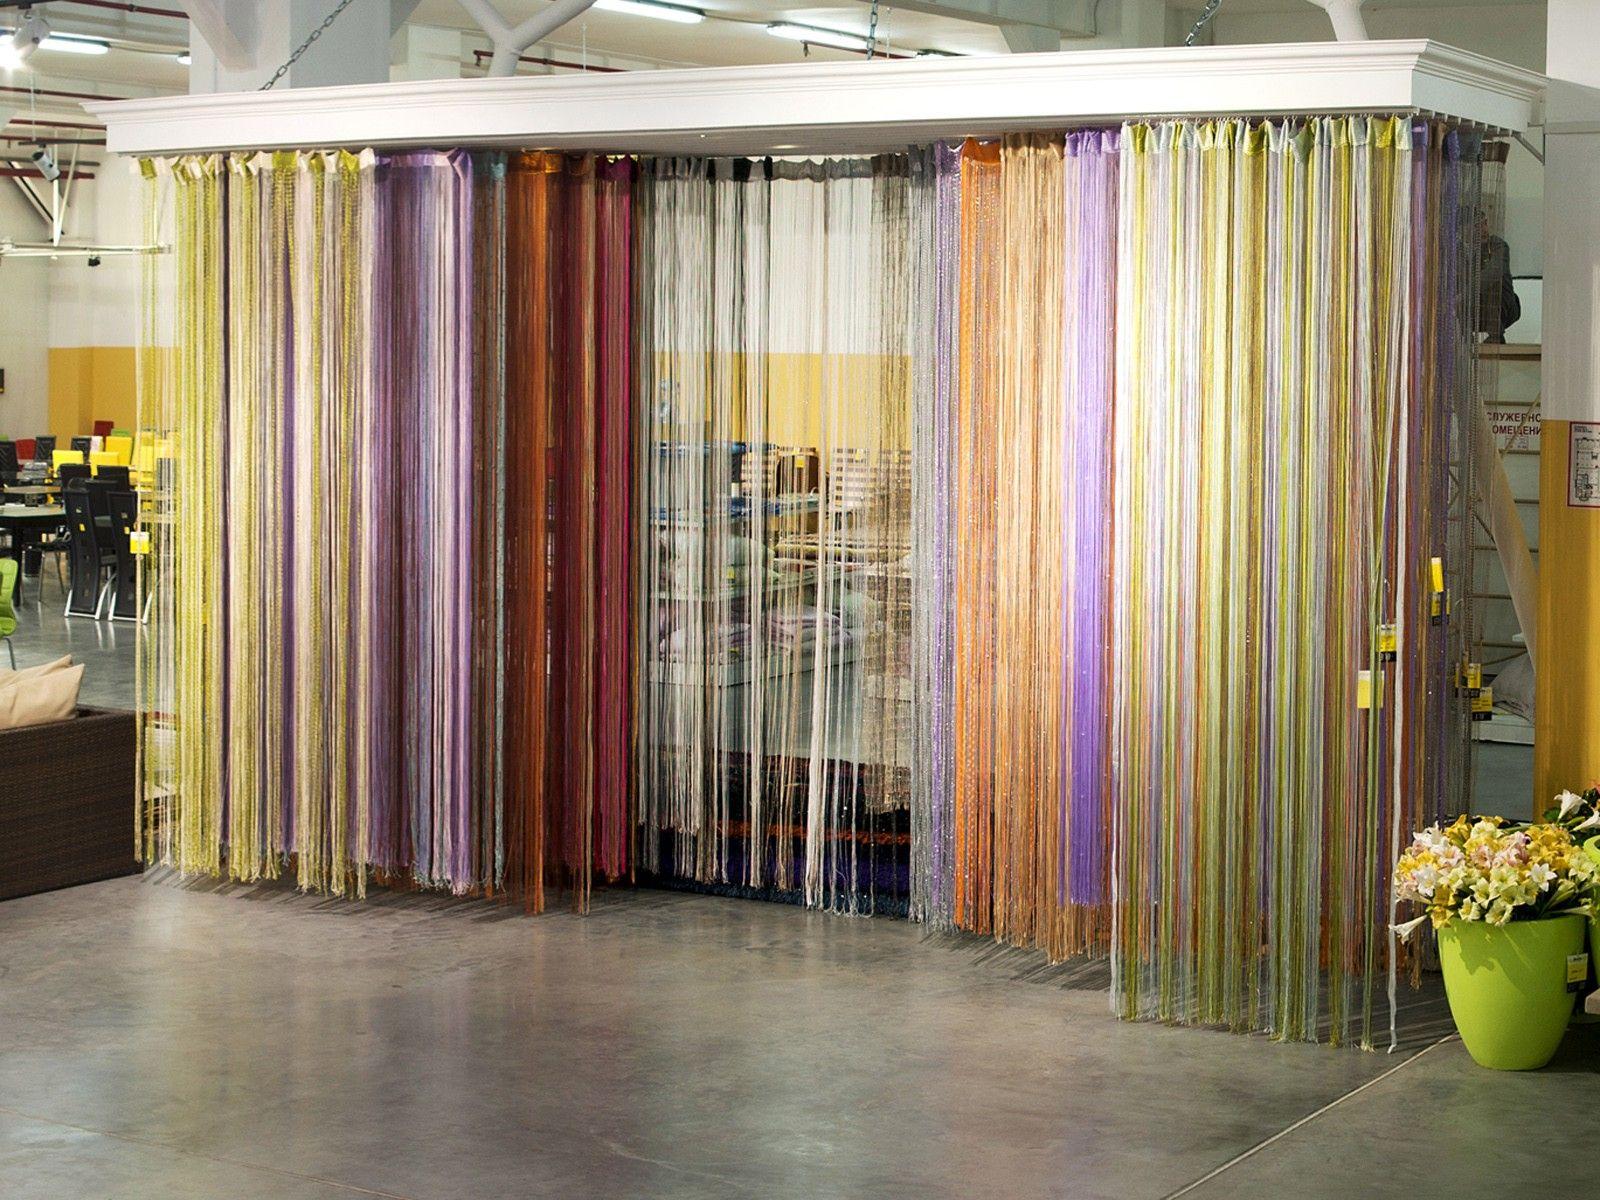 Комбинируйте разные цвета штор-нитей и не бойтесь экспериментировать